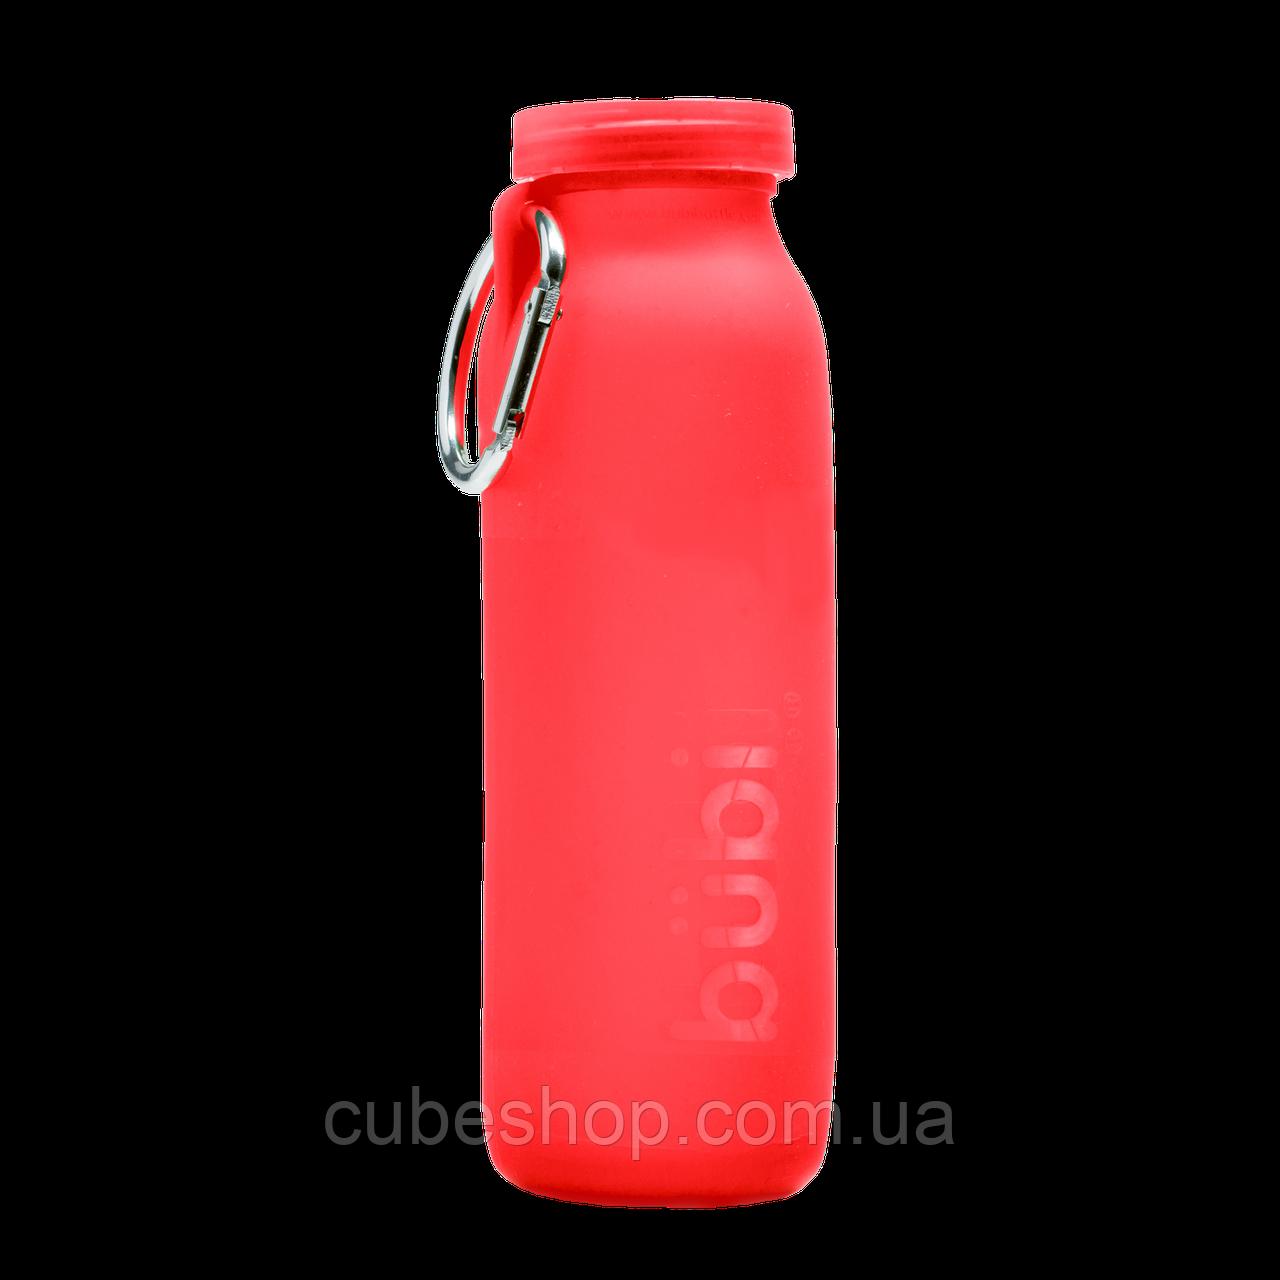 Силиконовая бутылка для воды Bubi Bottle Crimson Red (650 мл)